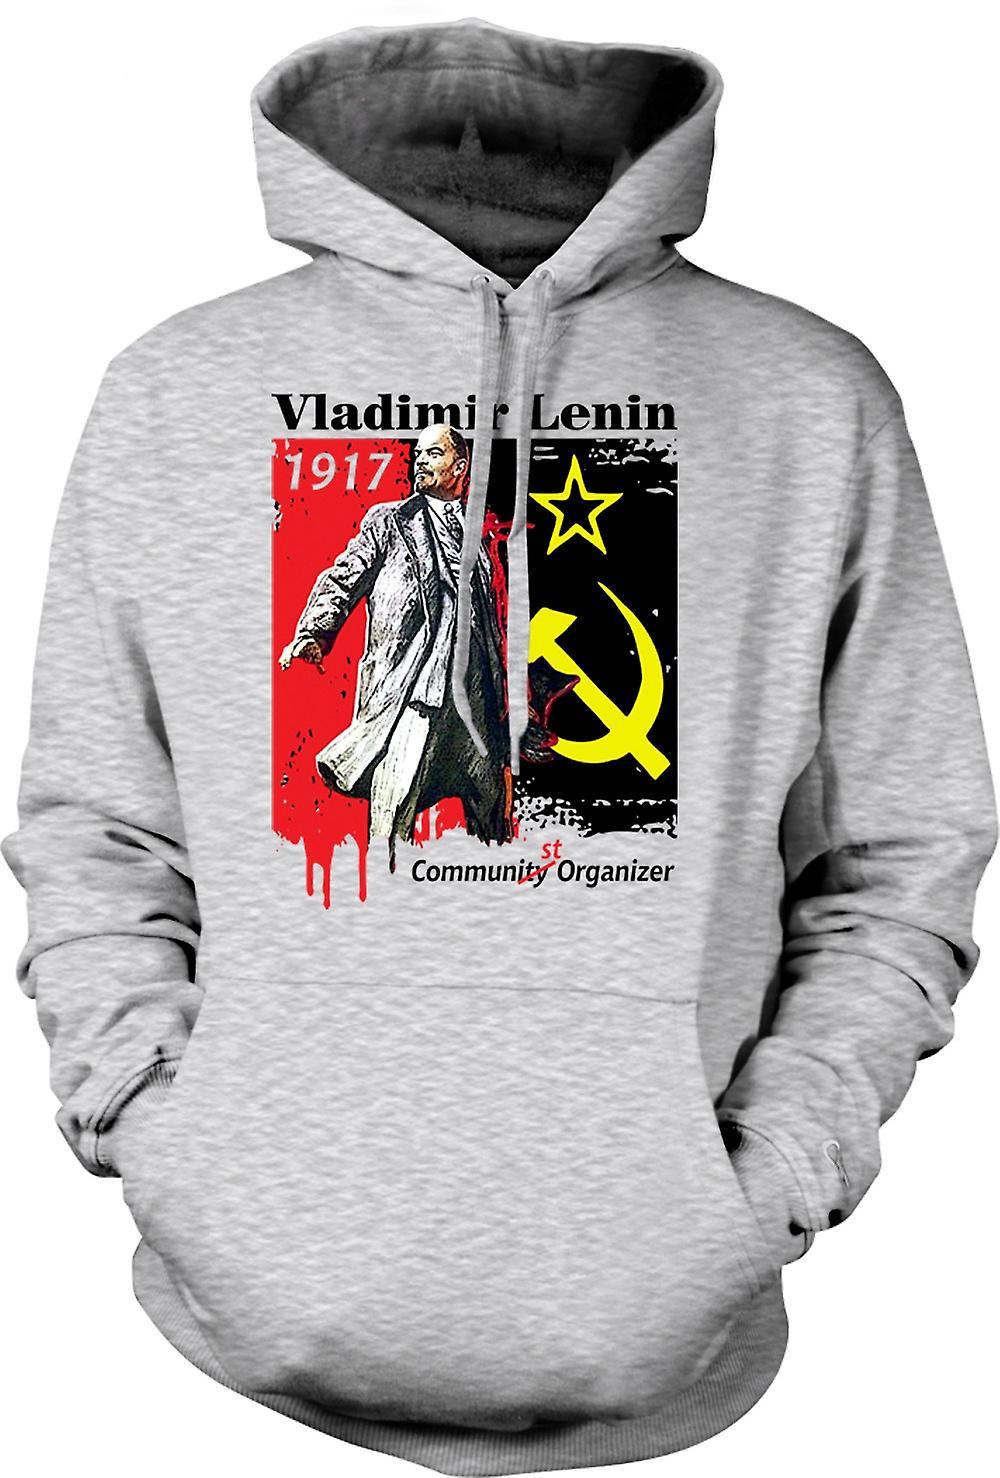 Mens Hoodie - Vladimir Lénine - communiste - Russie - Icon